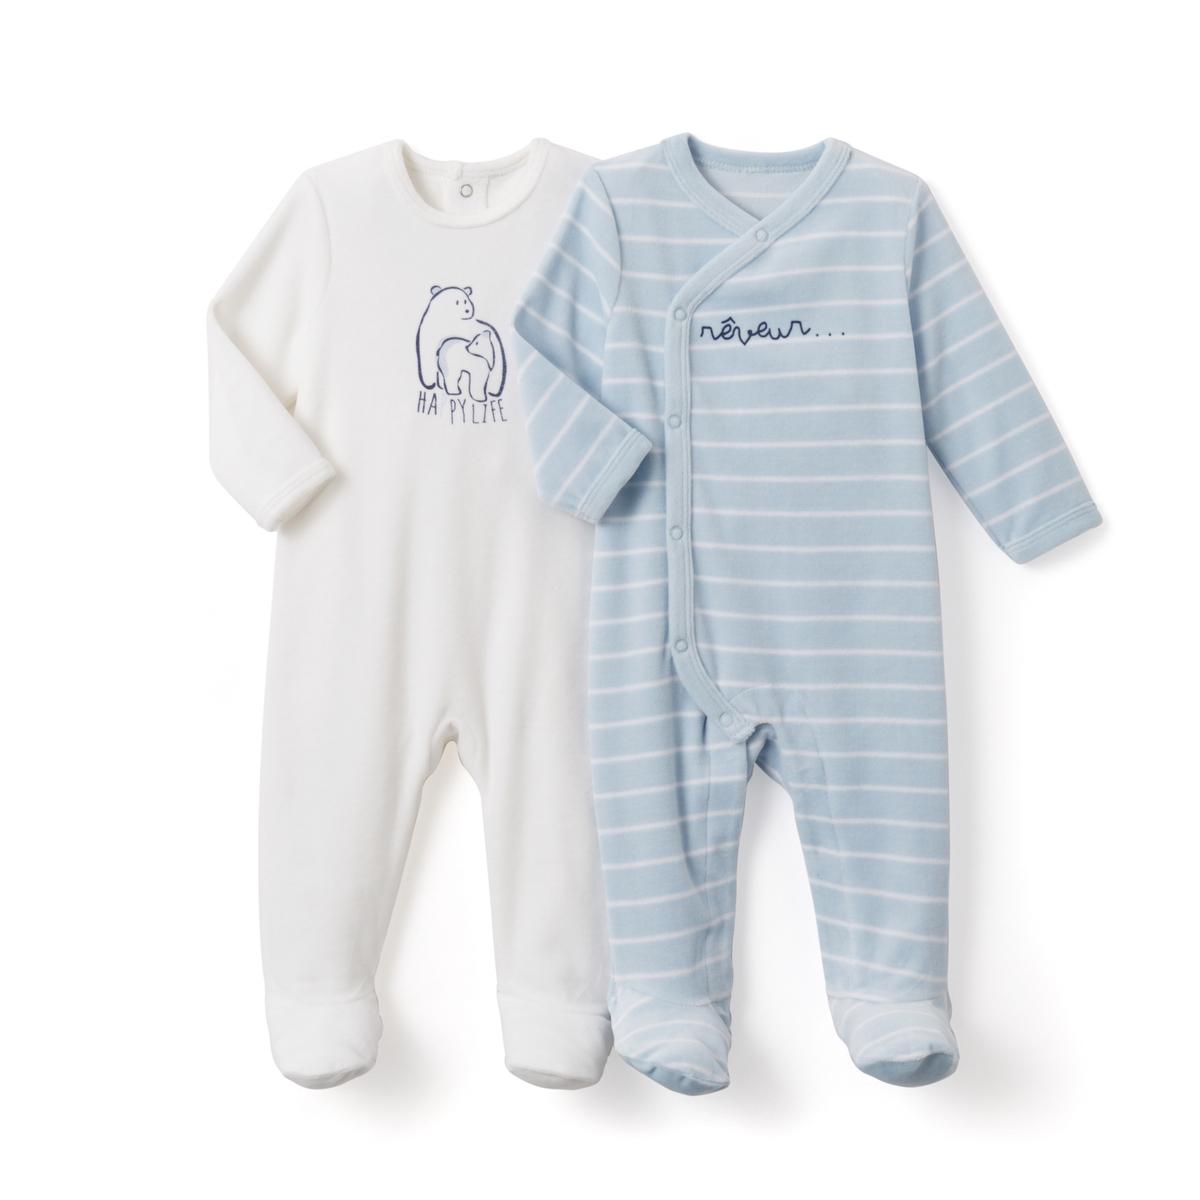 Пижама велюровая с закрытыми ножками (2 шт.) Oeko Tex